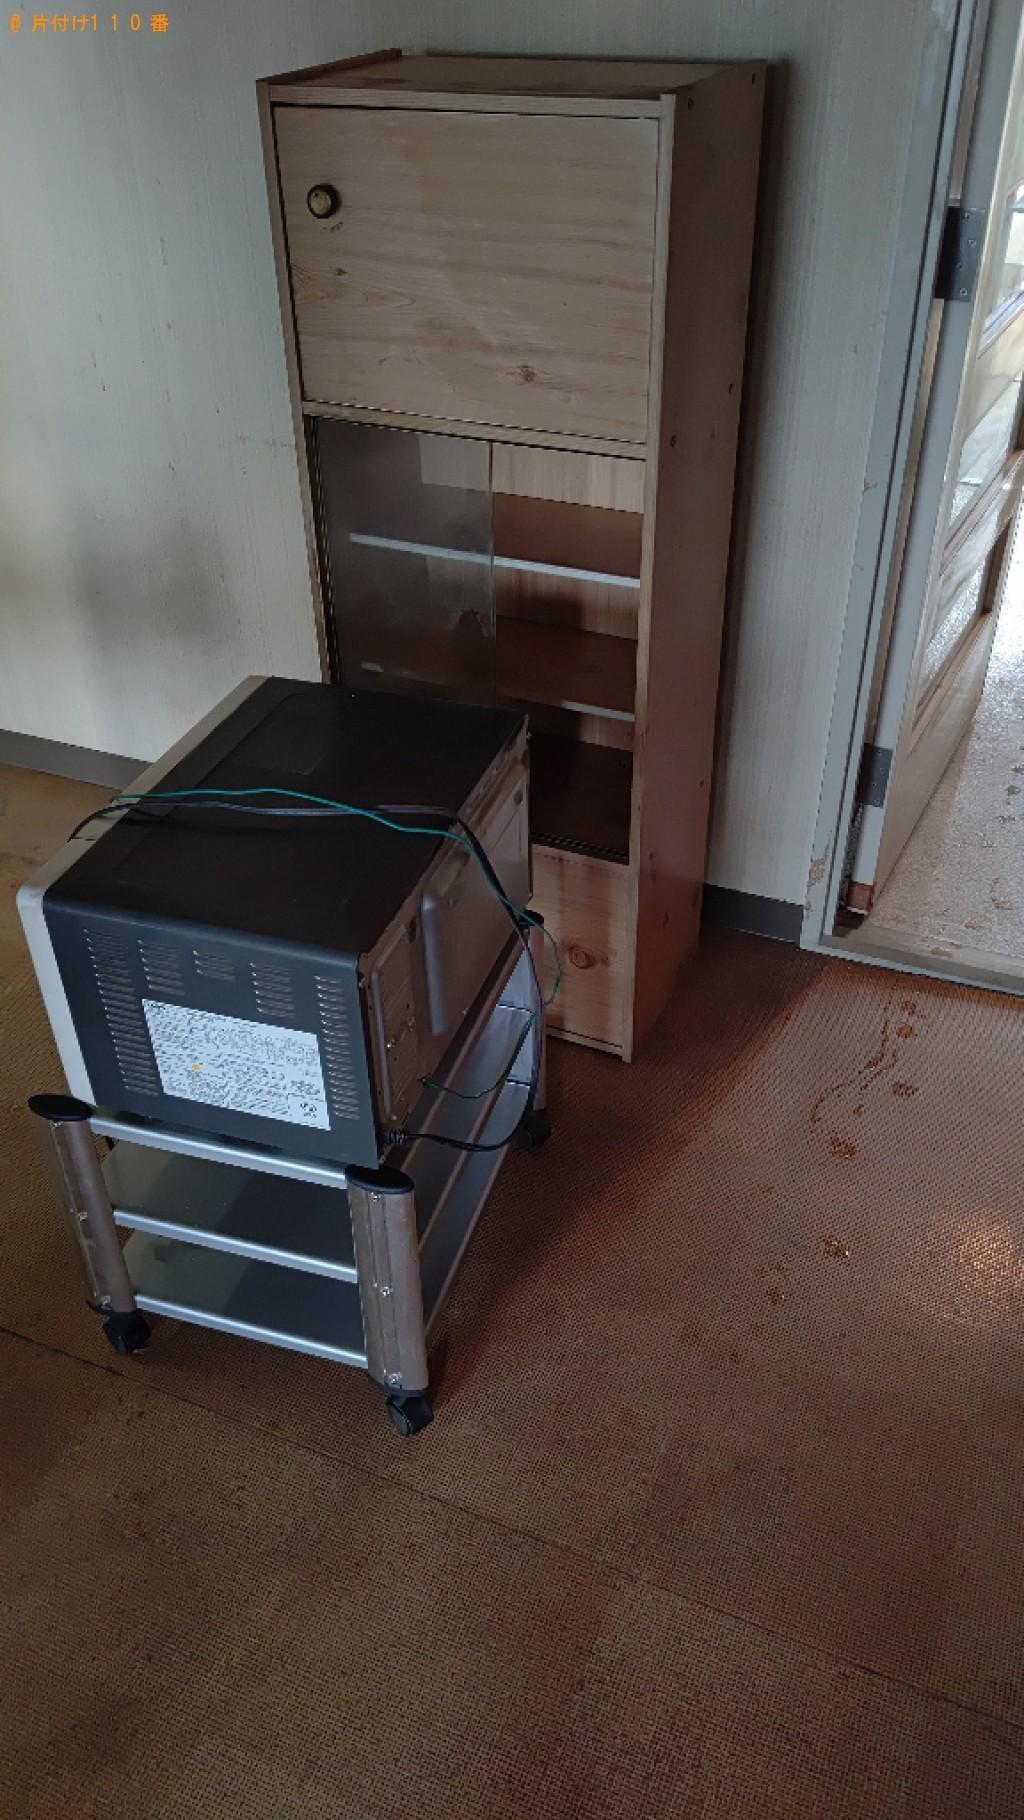 冷蔵庫、テレビ、洗濯機、パソコン